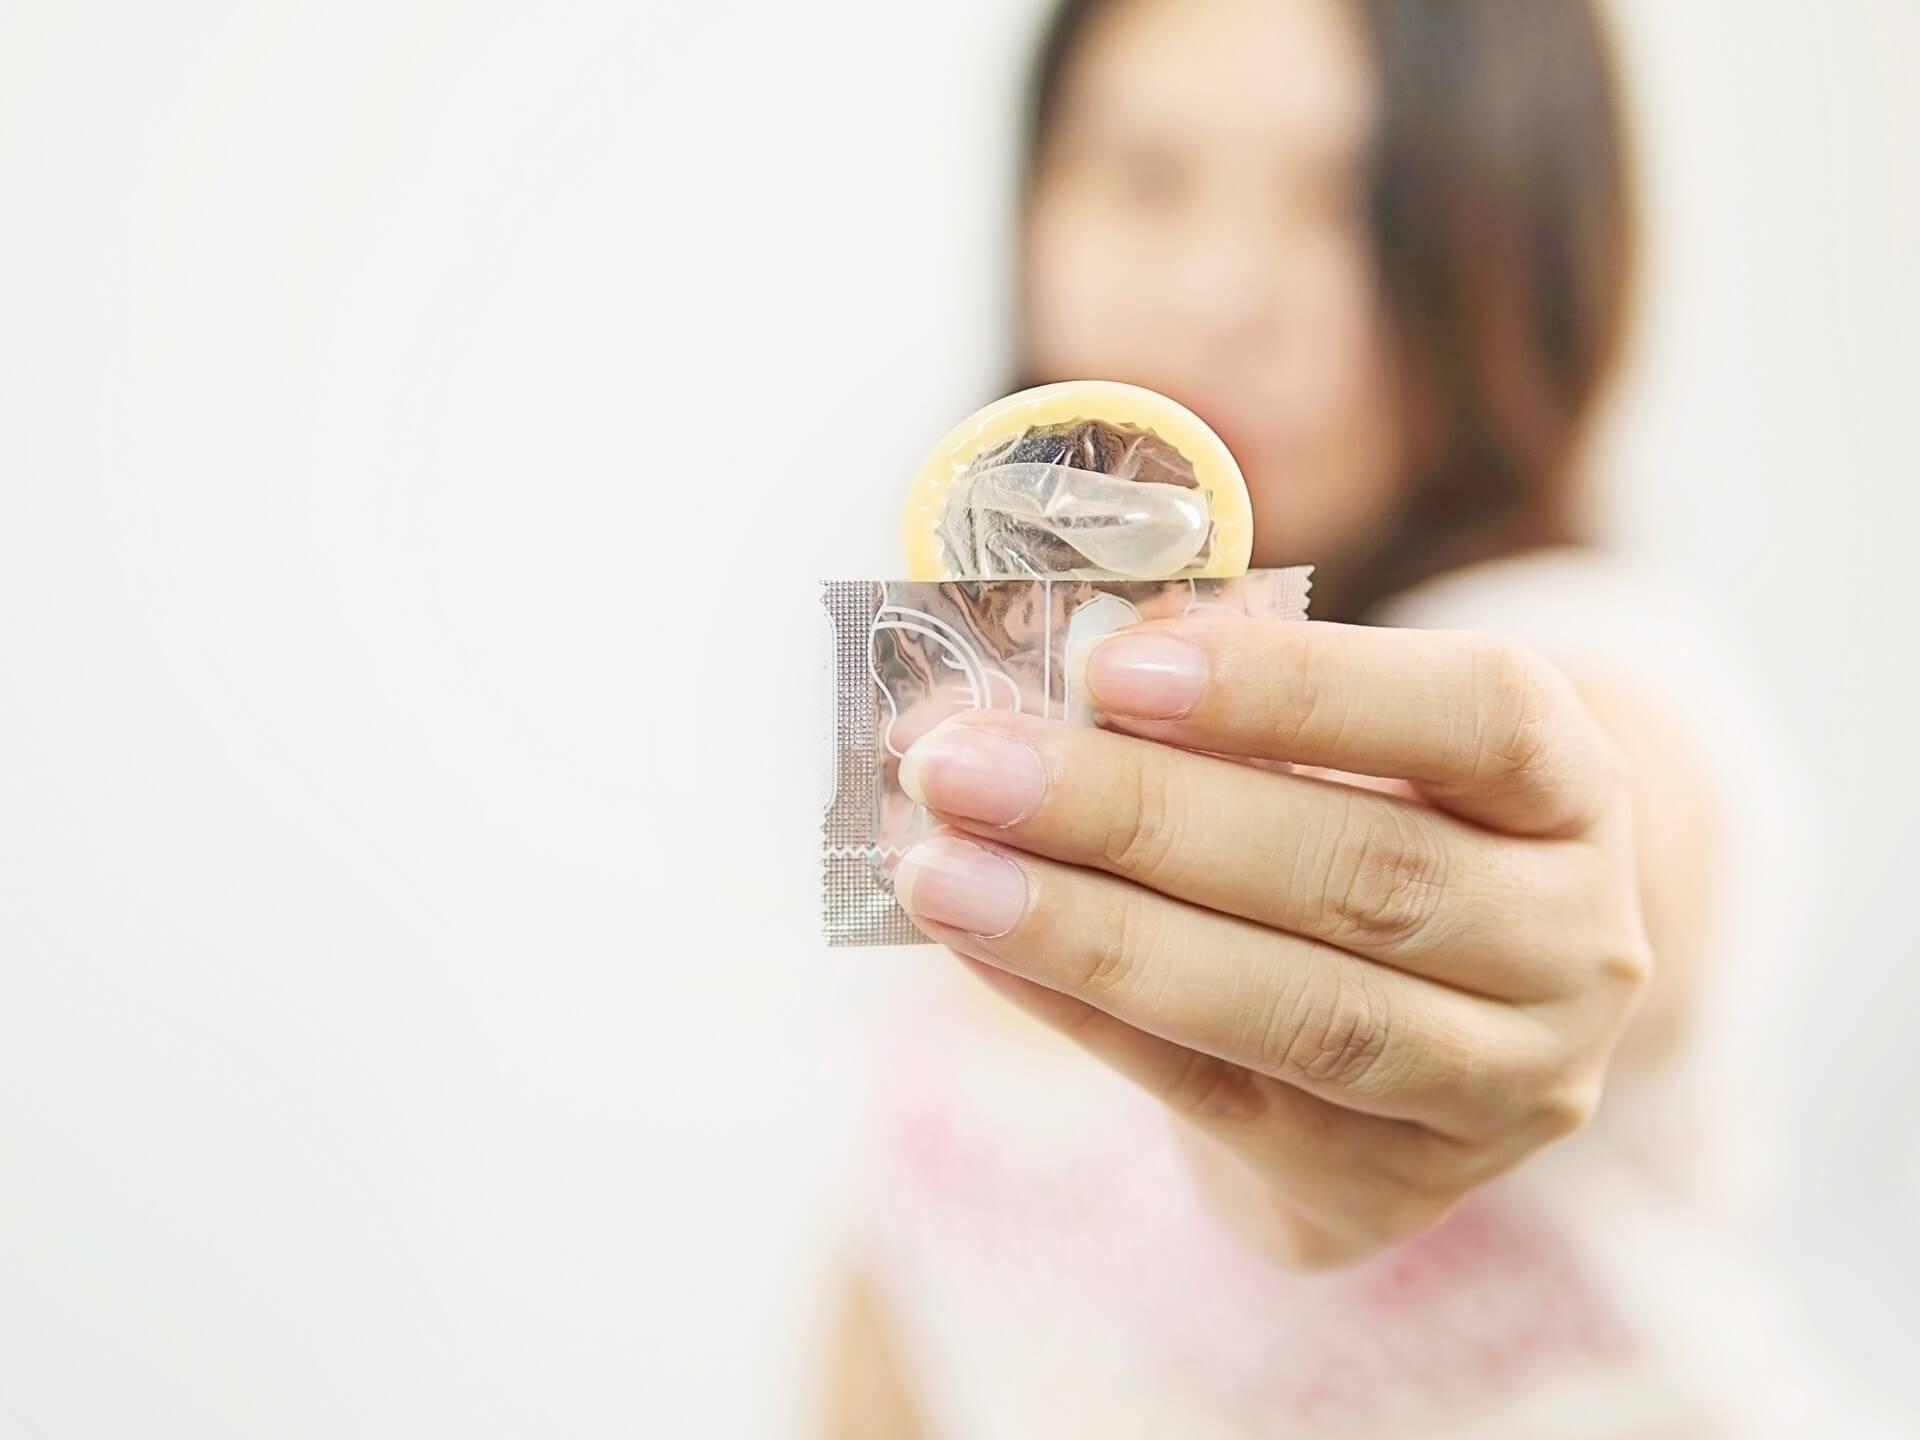 Método Contraceptivo - dúvidas habituais